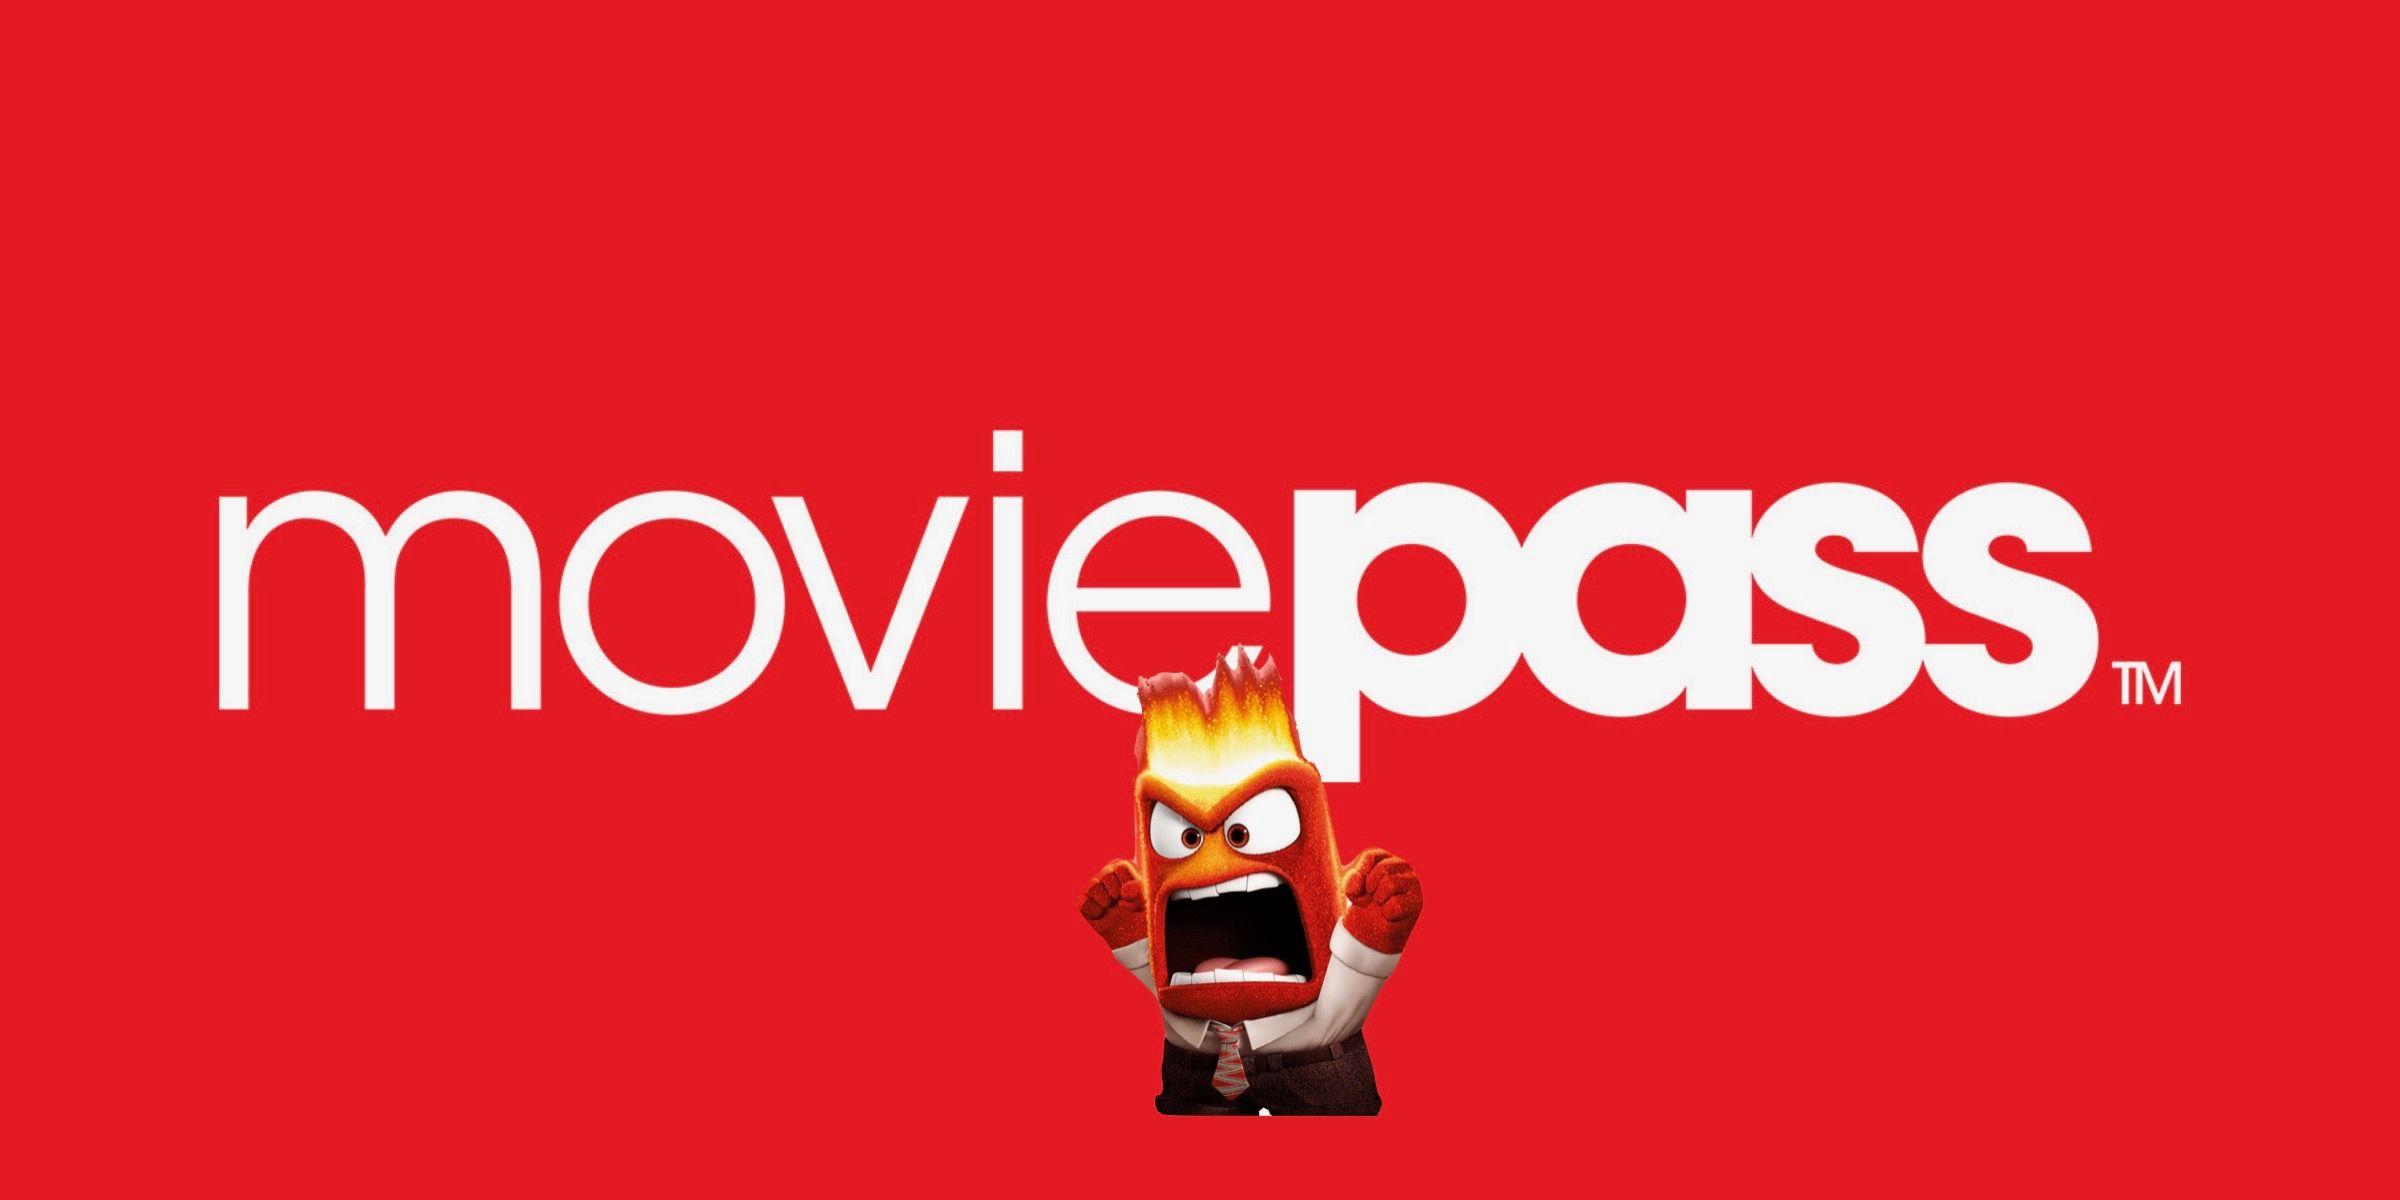 cancel movie pass